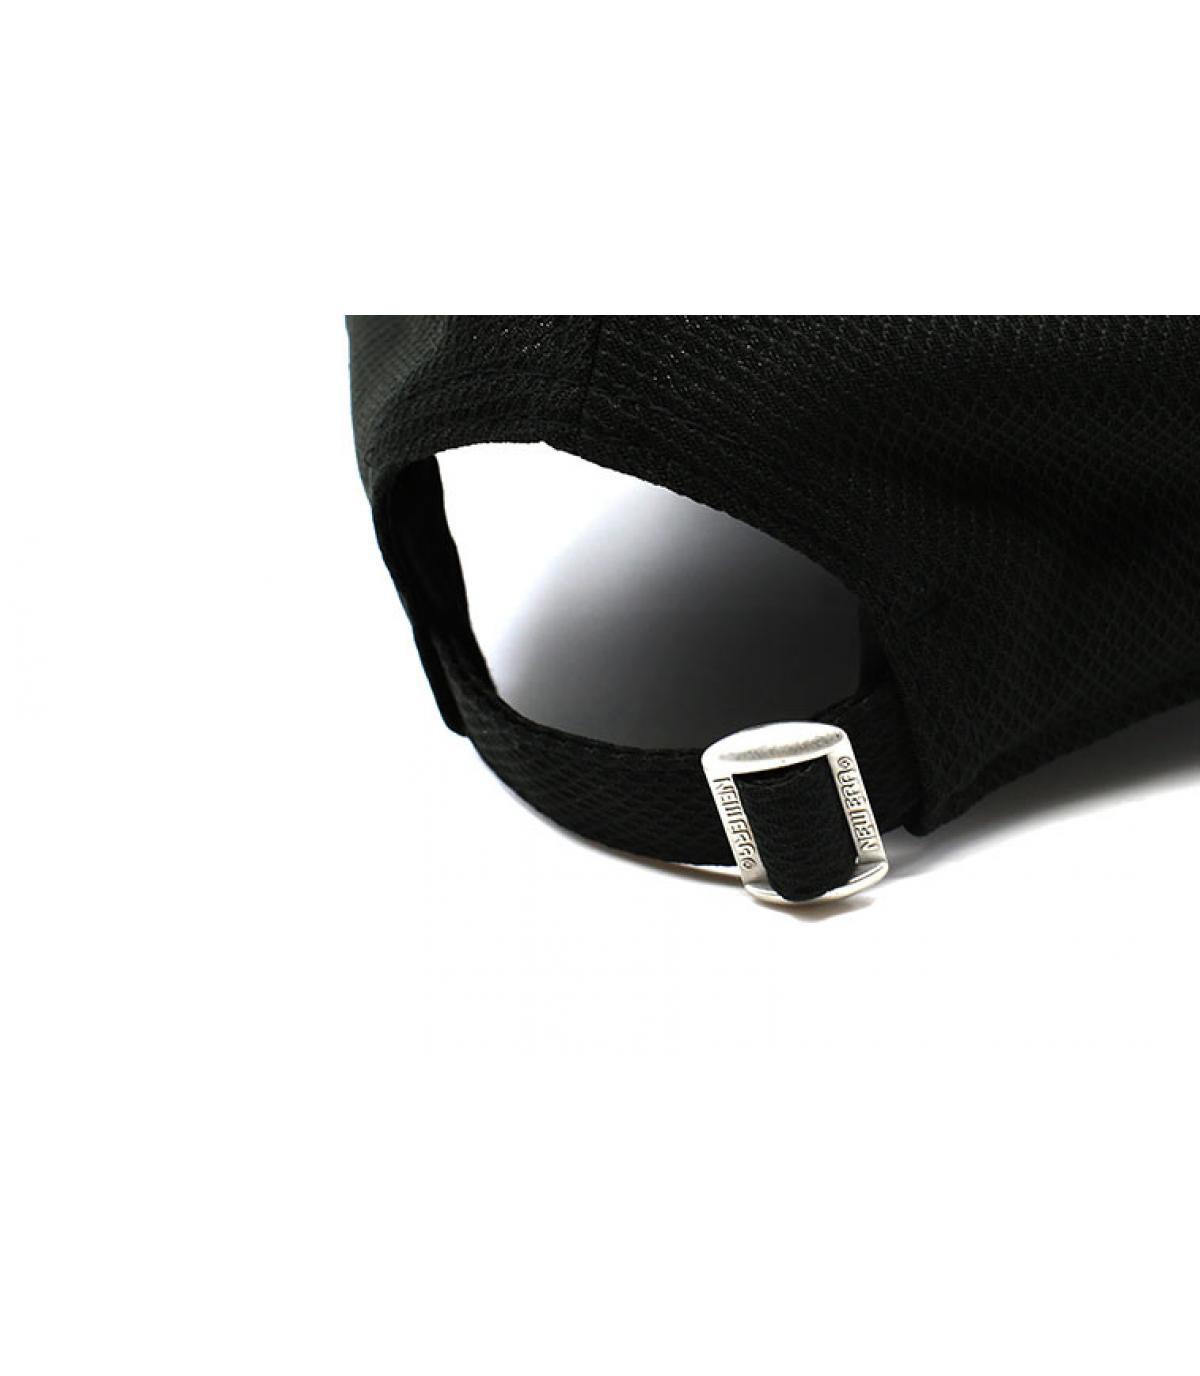 Details NY Diamond Era 9Forty black white - afbeeling 5